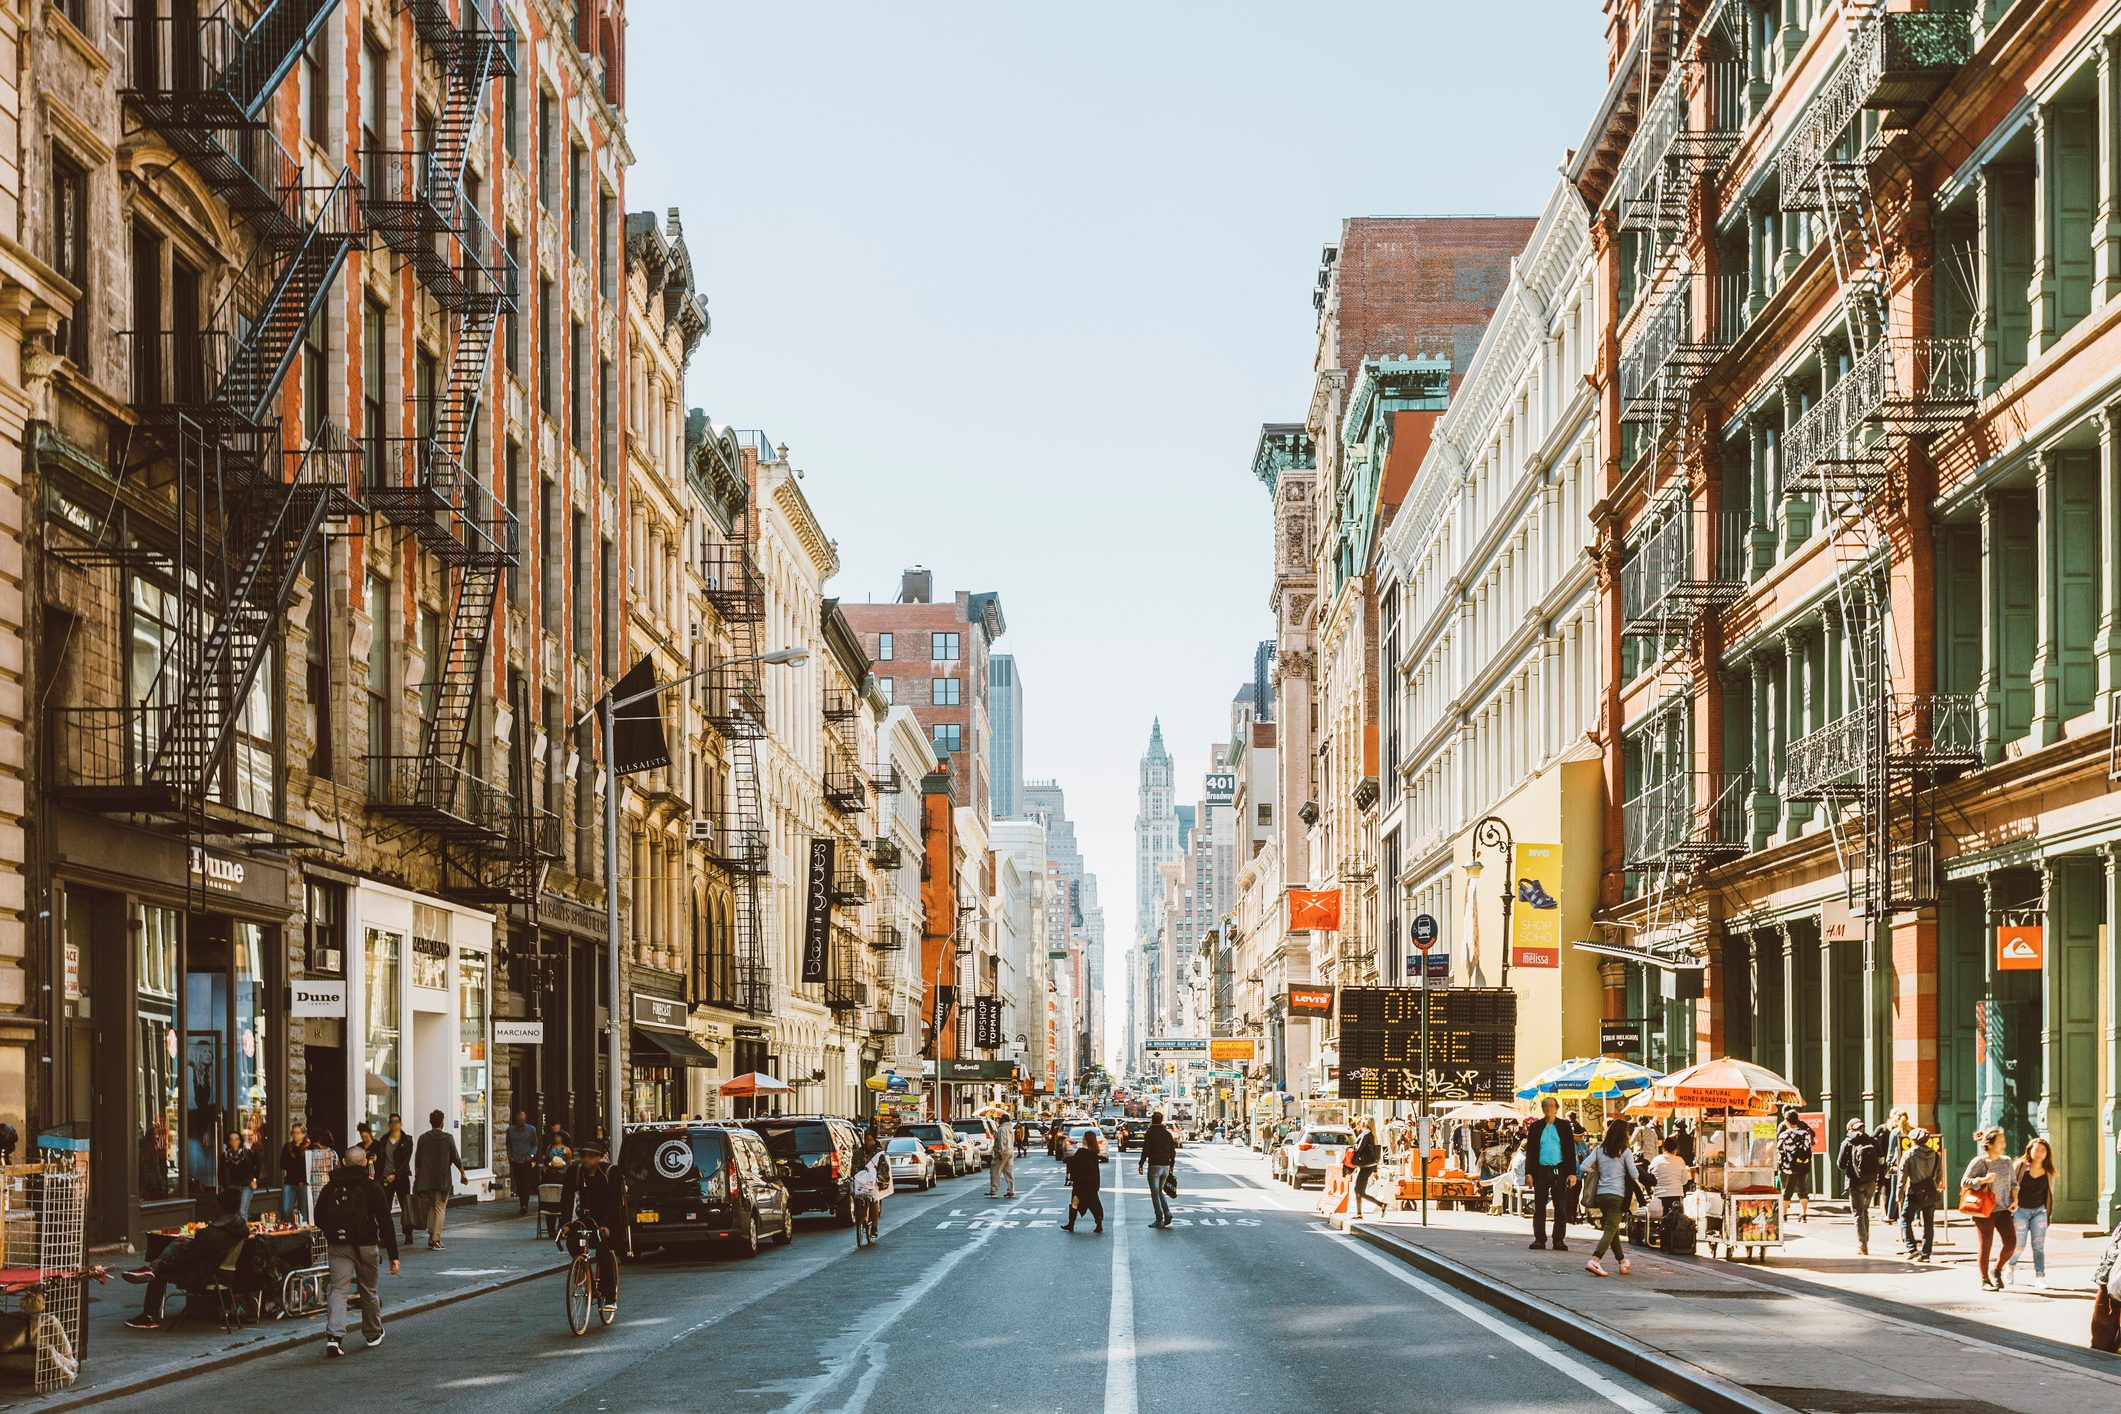 streets of soho, new york city